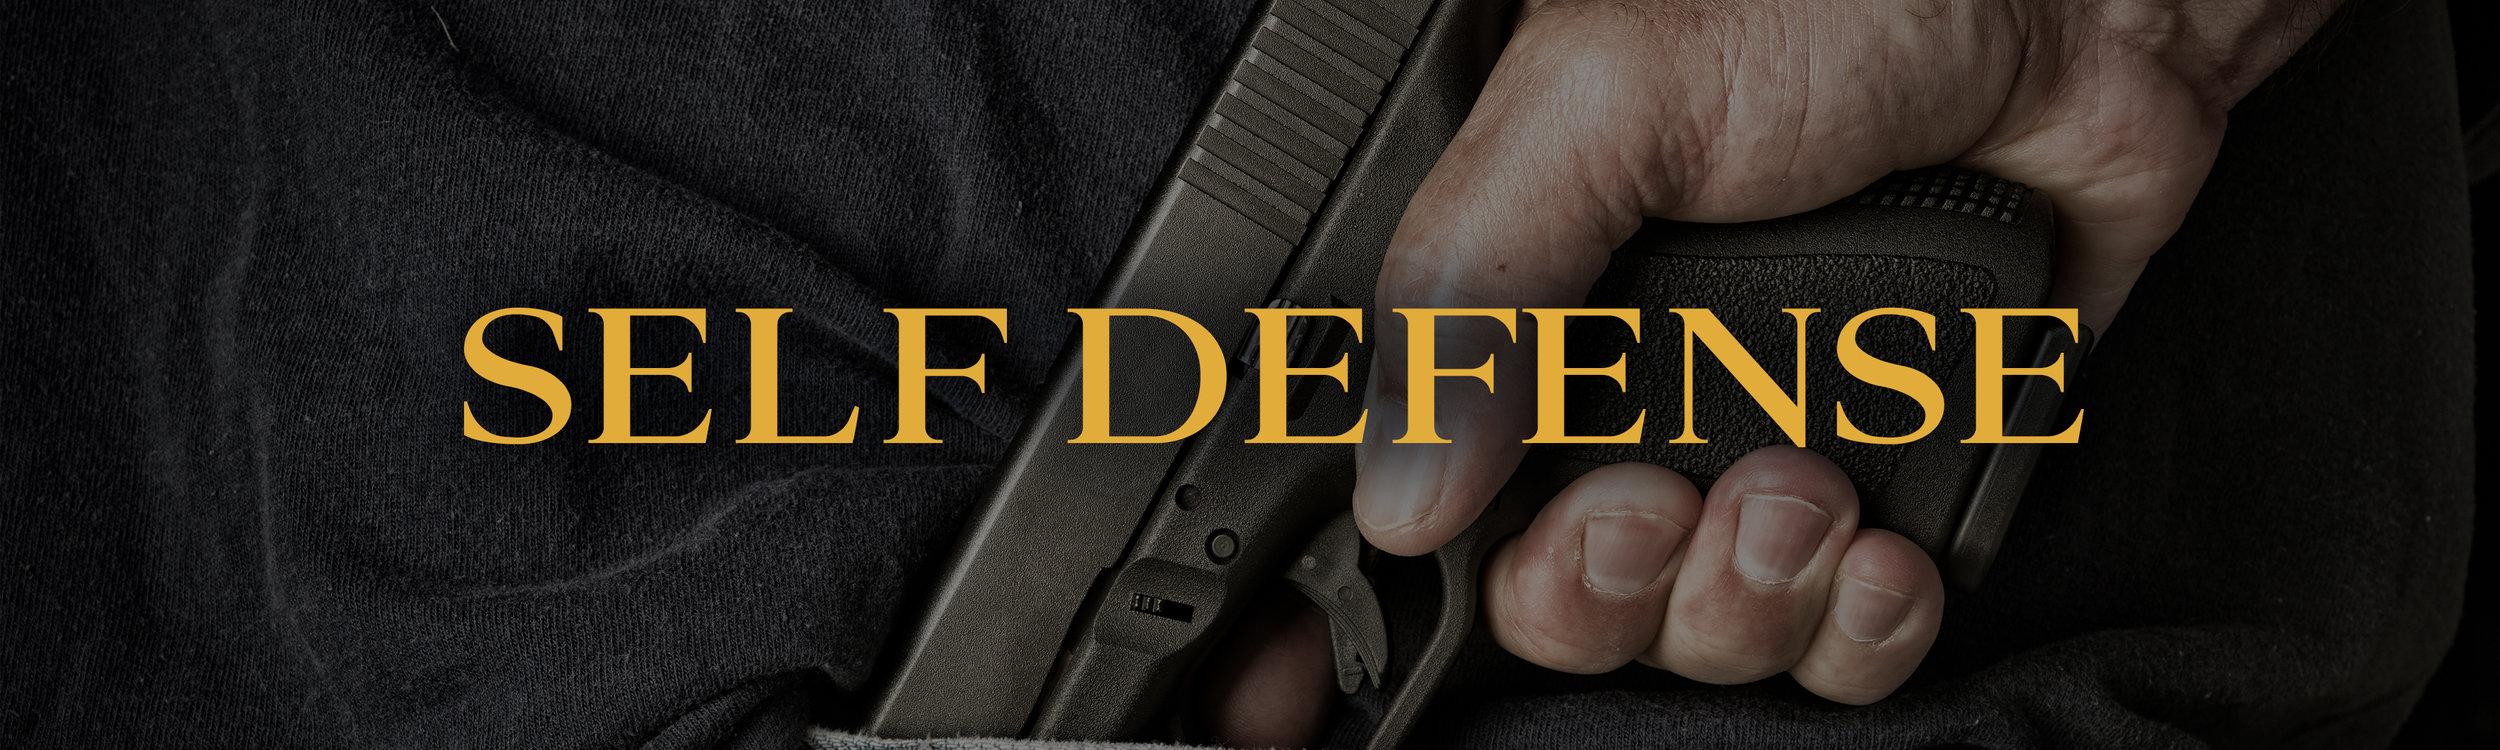 banner_selfdefense.jpg